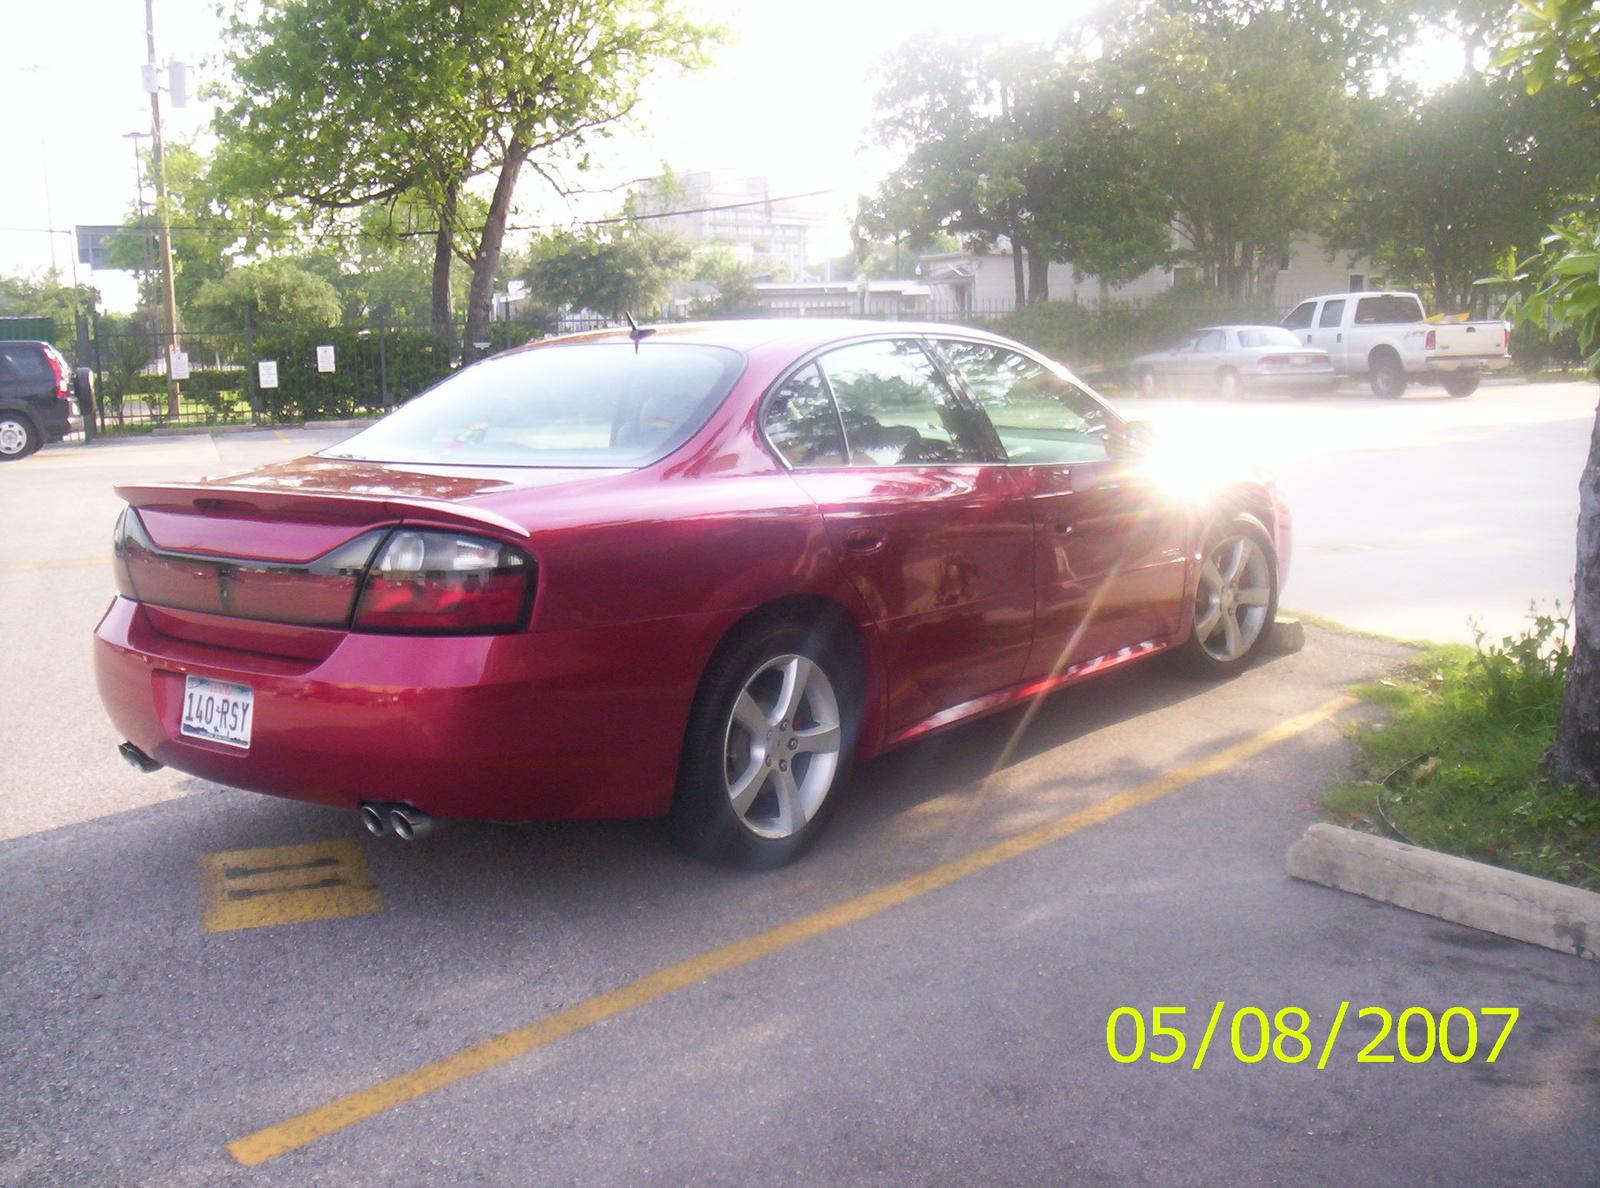 2005 Pontiac Bonneville GXP - Pictures - 2005 Pontiac Bonneville GXP ...